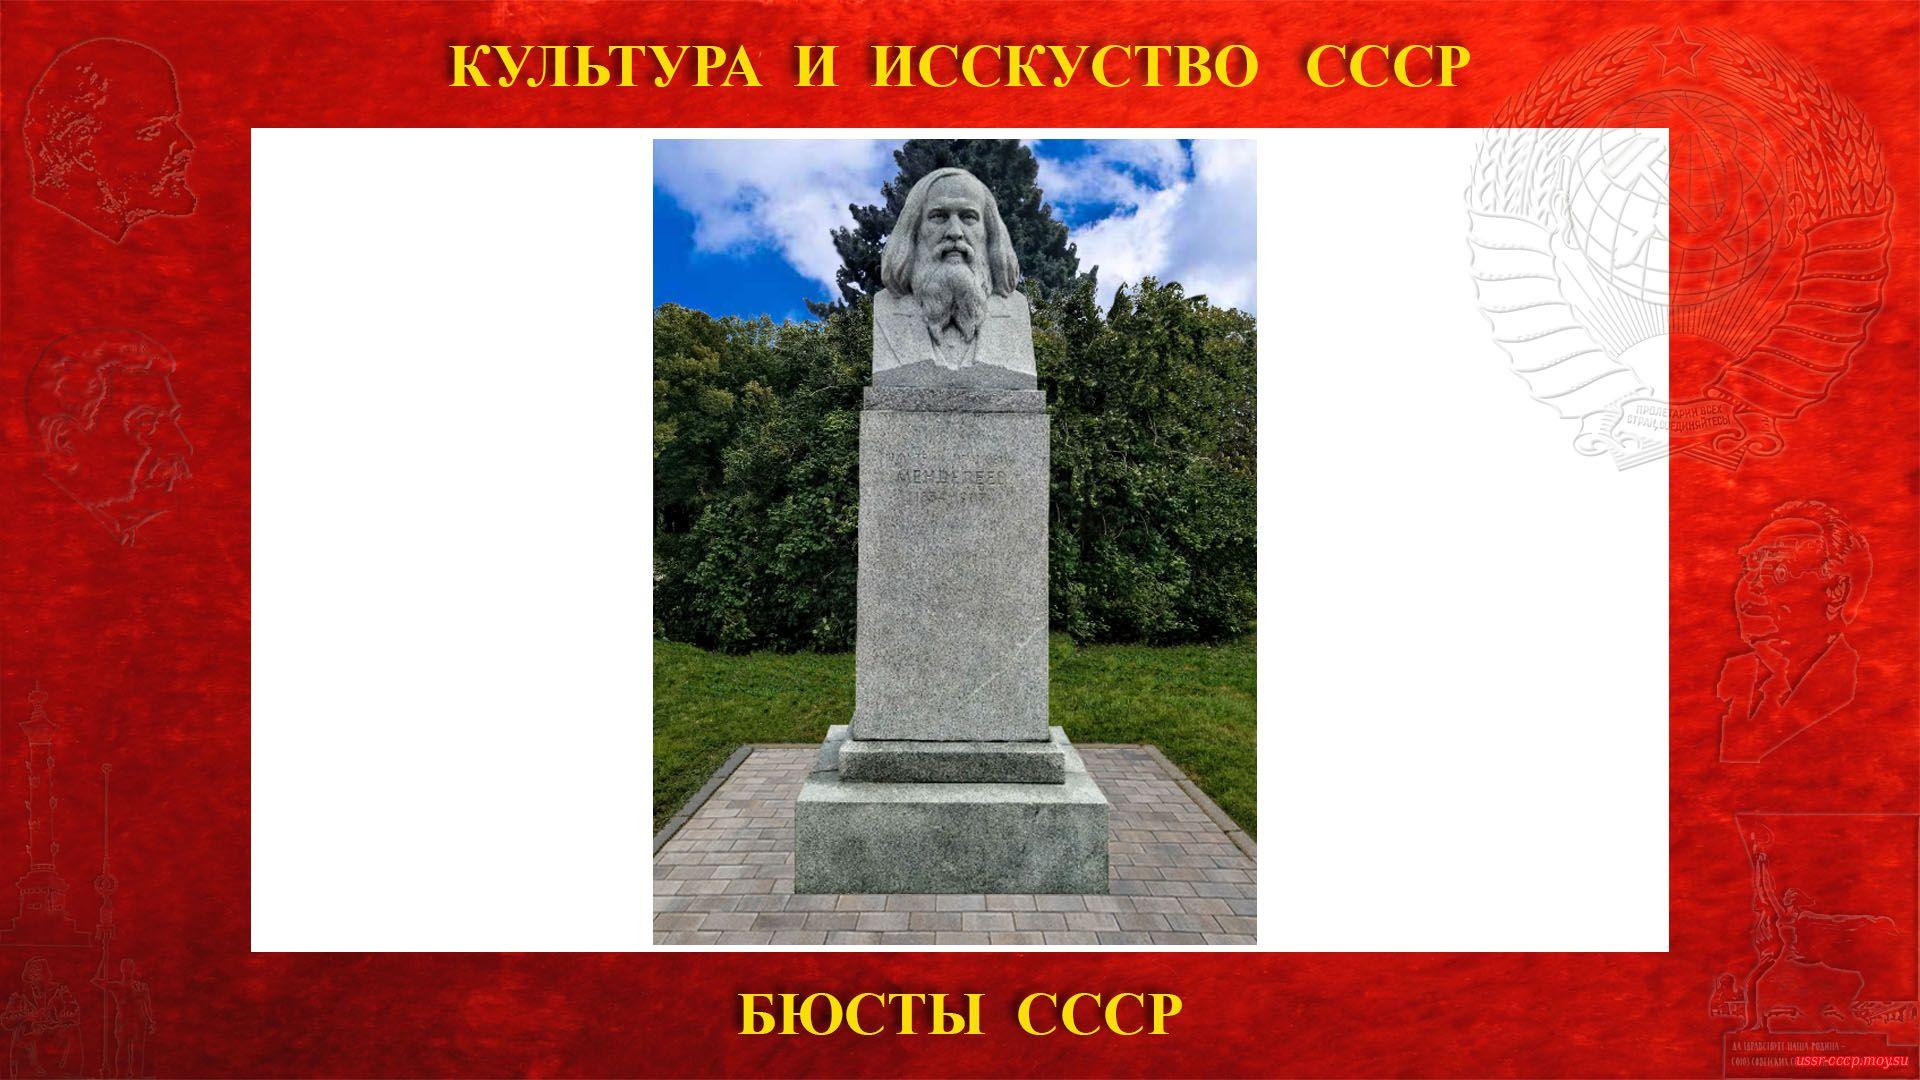 Бюст Менделееву Д.И. на Ленинских горах (Москва 1953) (повествование)